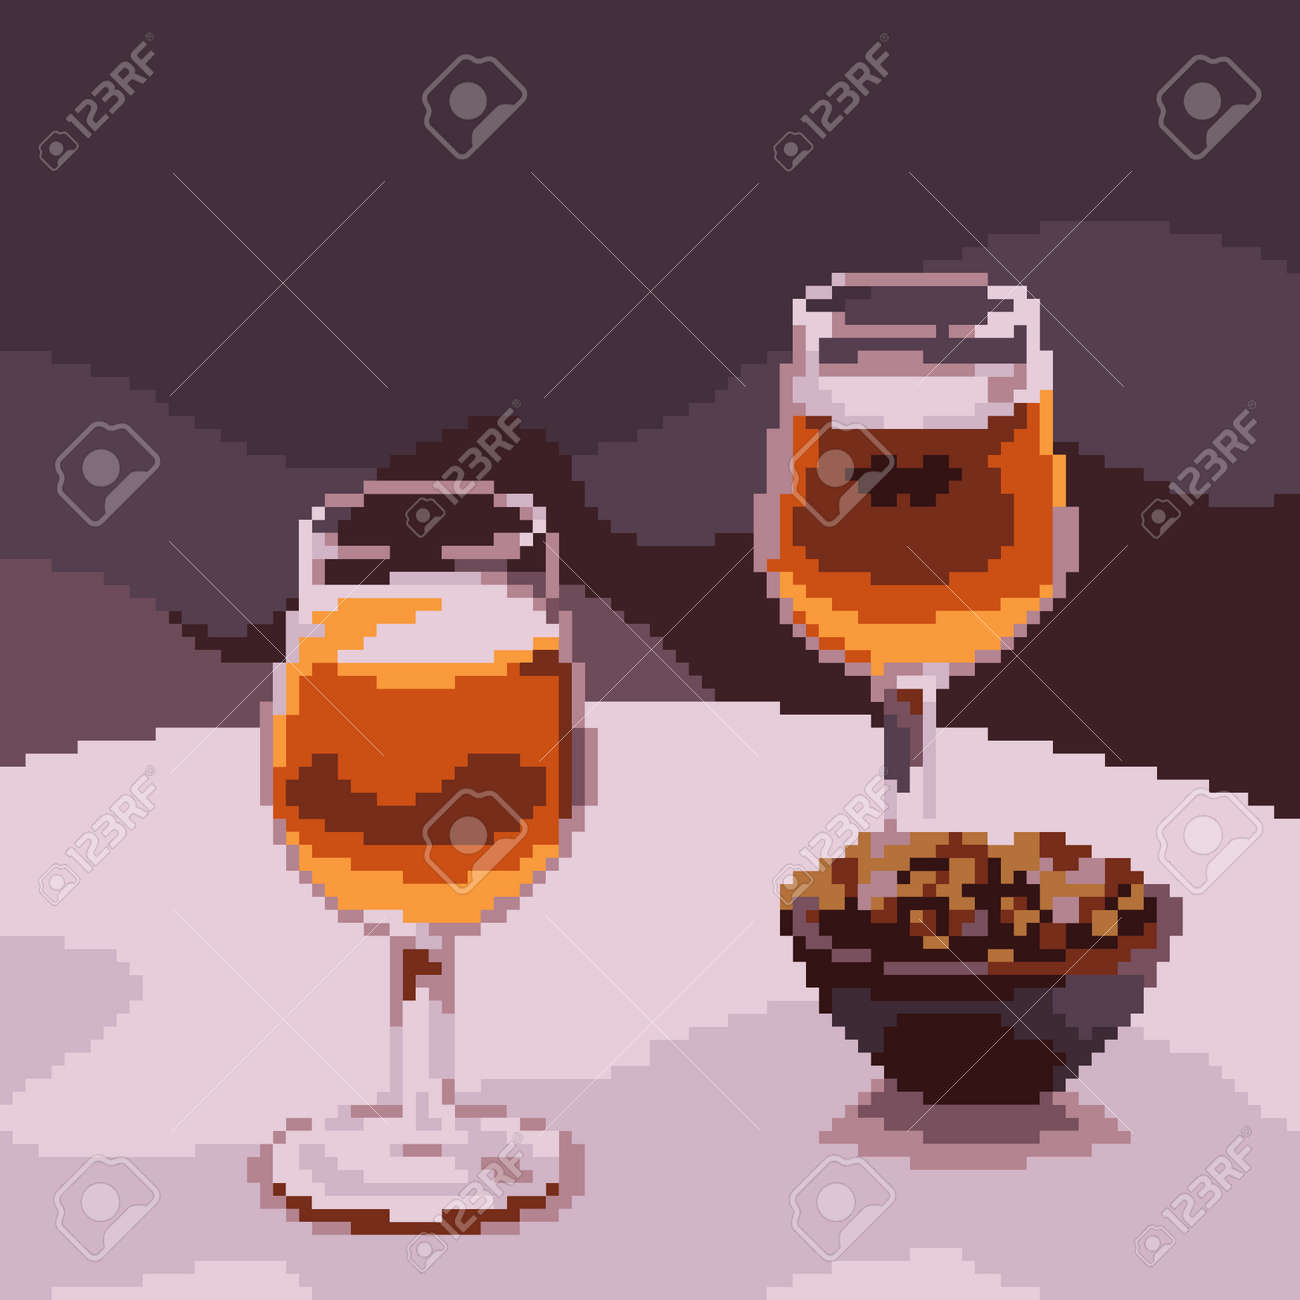 pixel art of luxury drink glass - 172134950